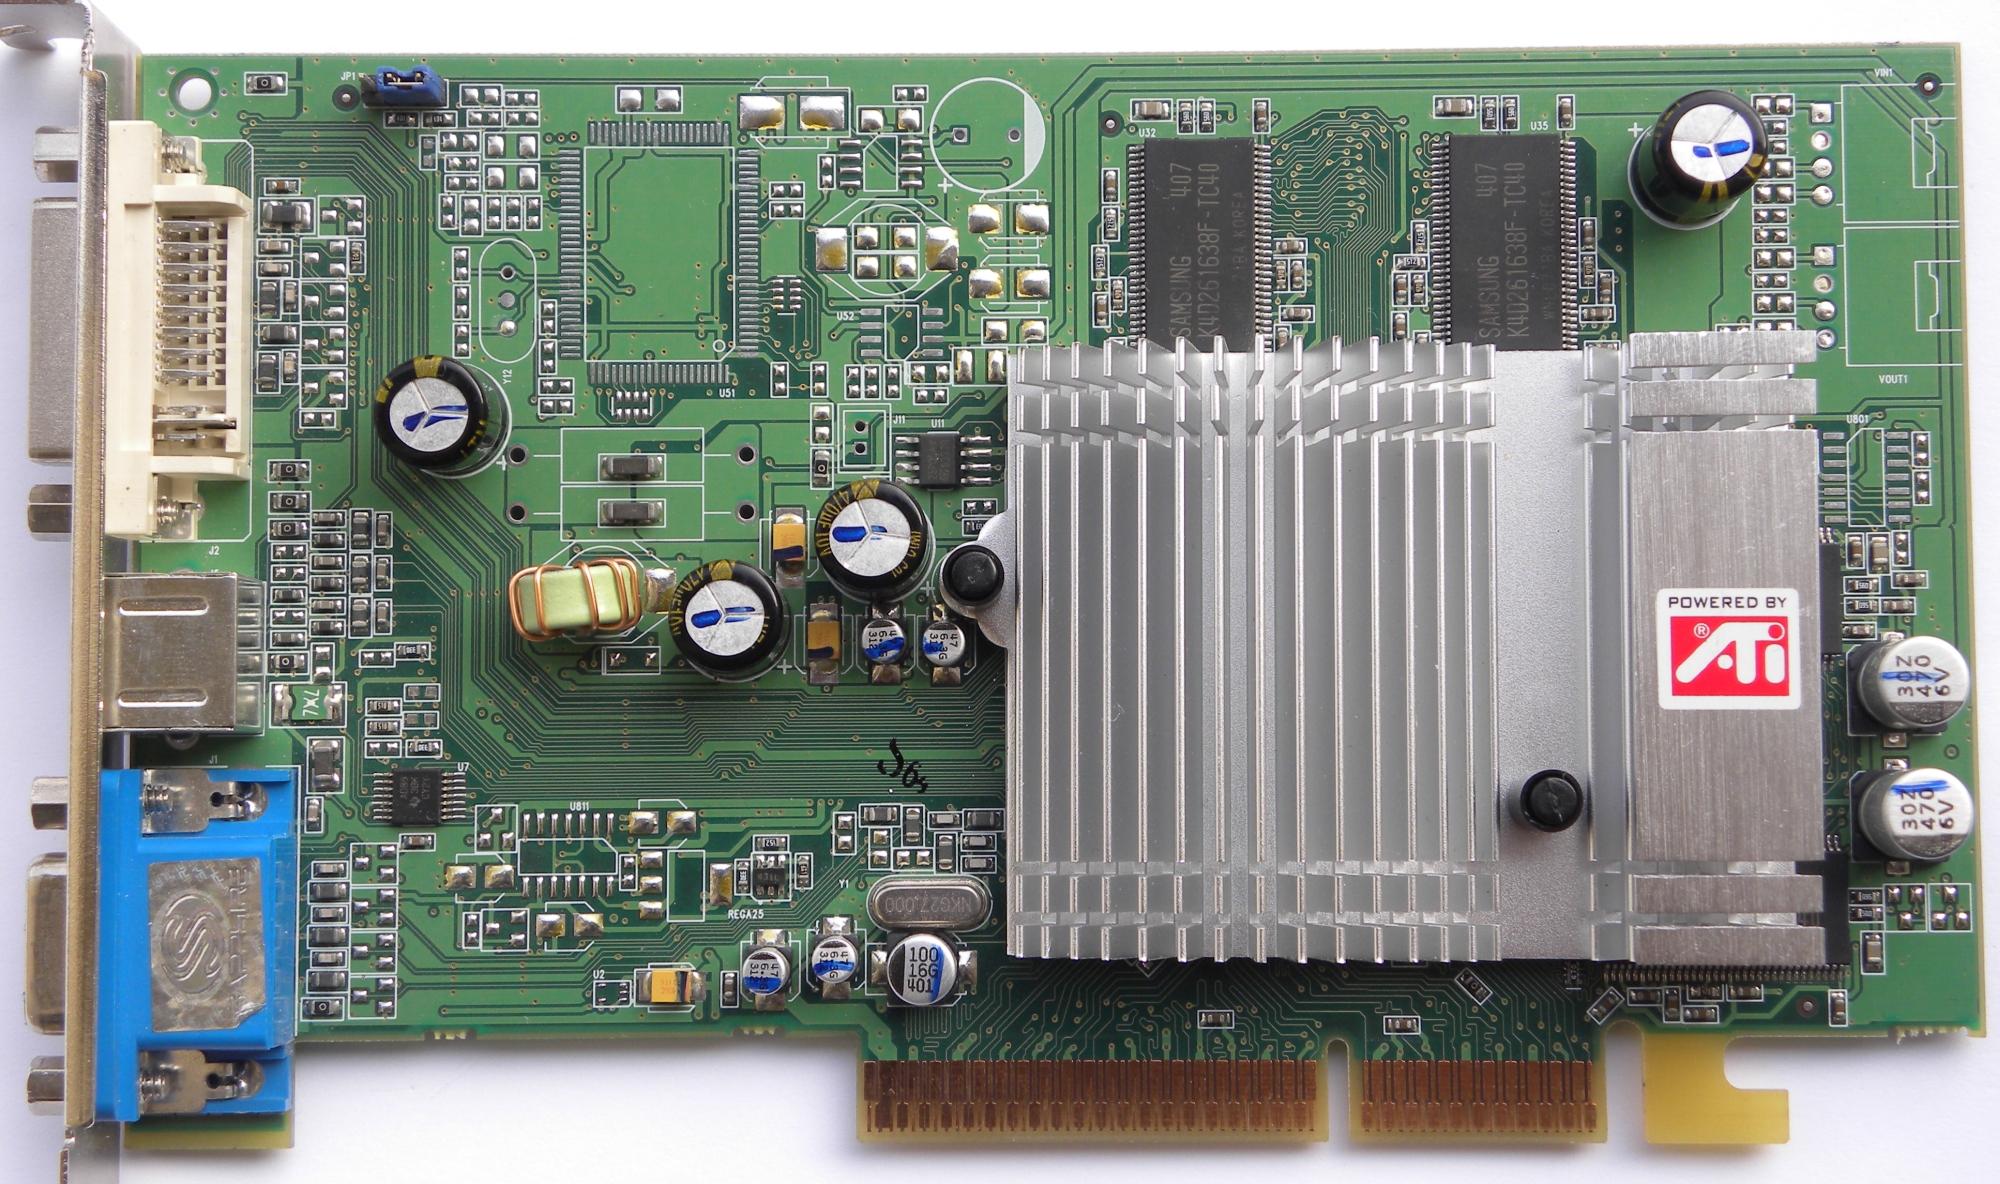 Radeon 9600 se family драйвер скачать